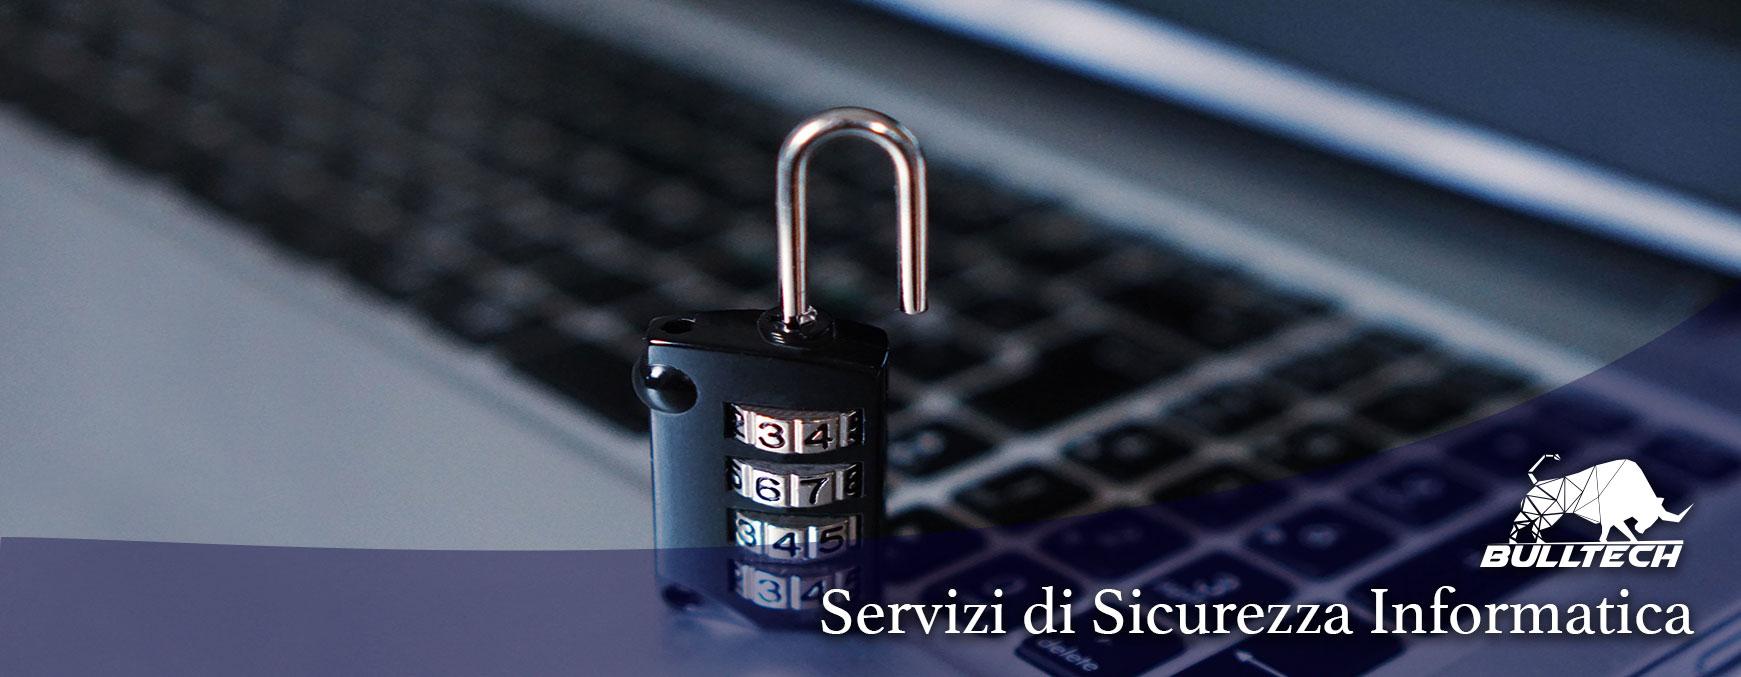 Servizi di Sicurezza Informatica :Firewall, Antivirus e ...